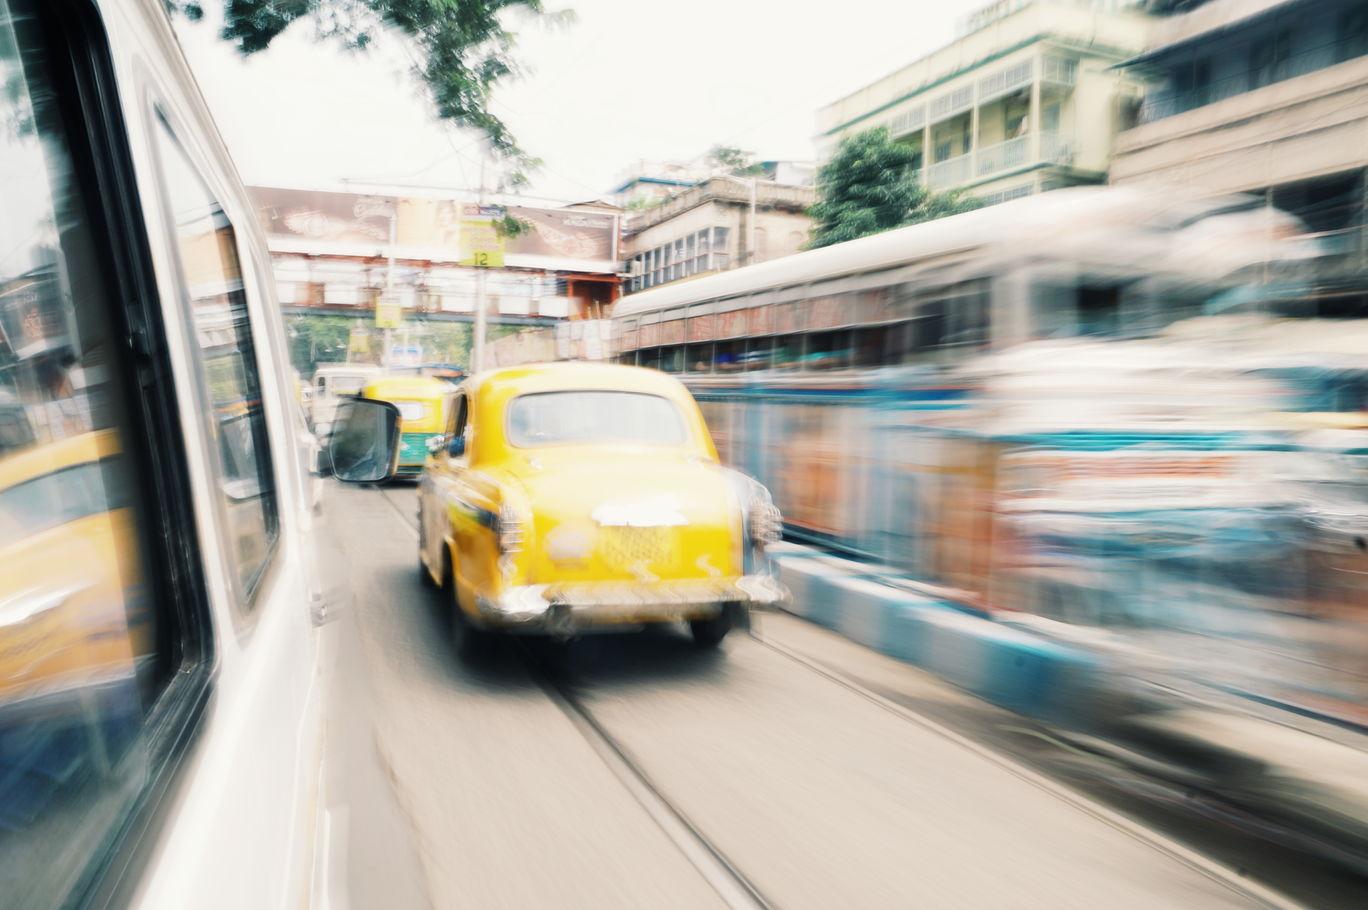 Photo of Kolkata By Pranav Sreekanth